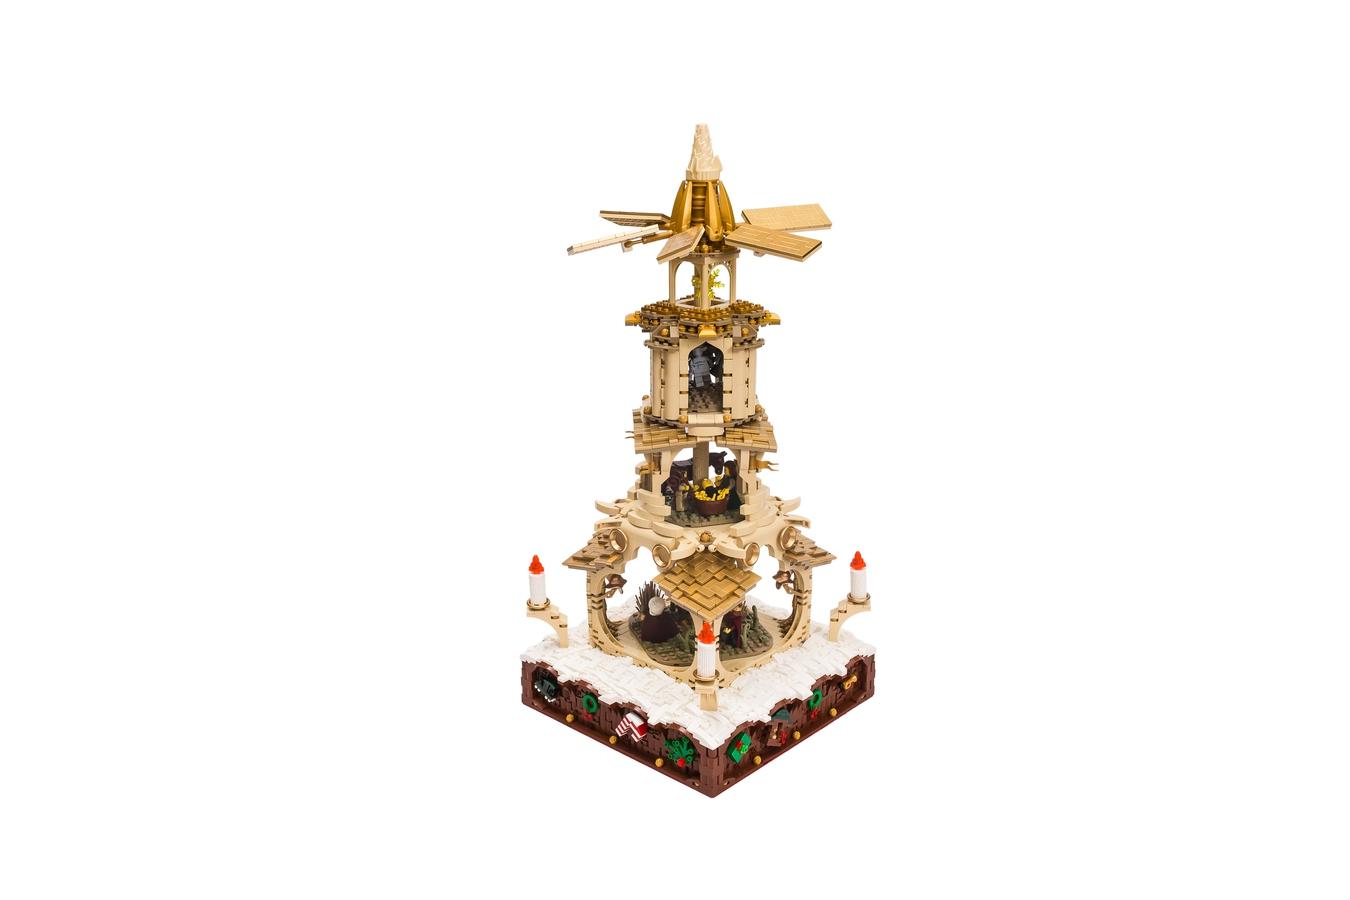 Lego Weihnachtsmarkt.Lego Ideas Product Ideas Weihnachtspyramide